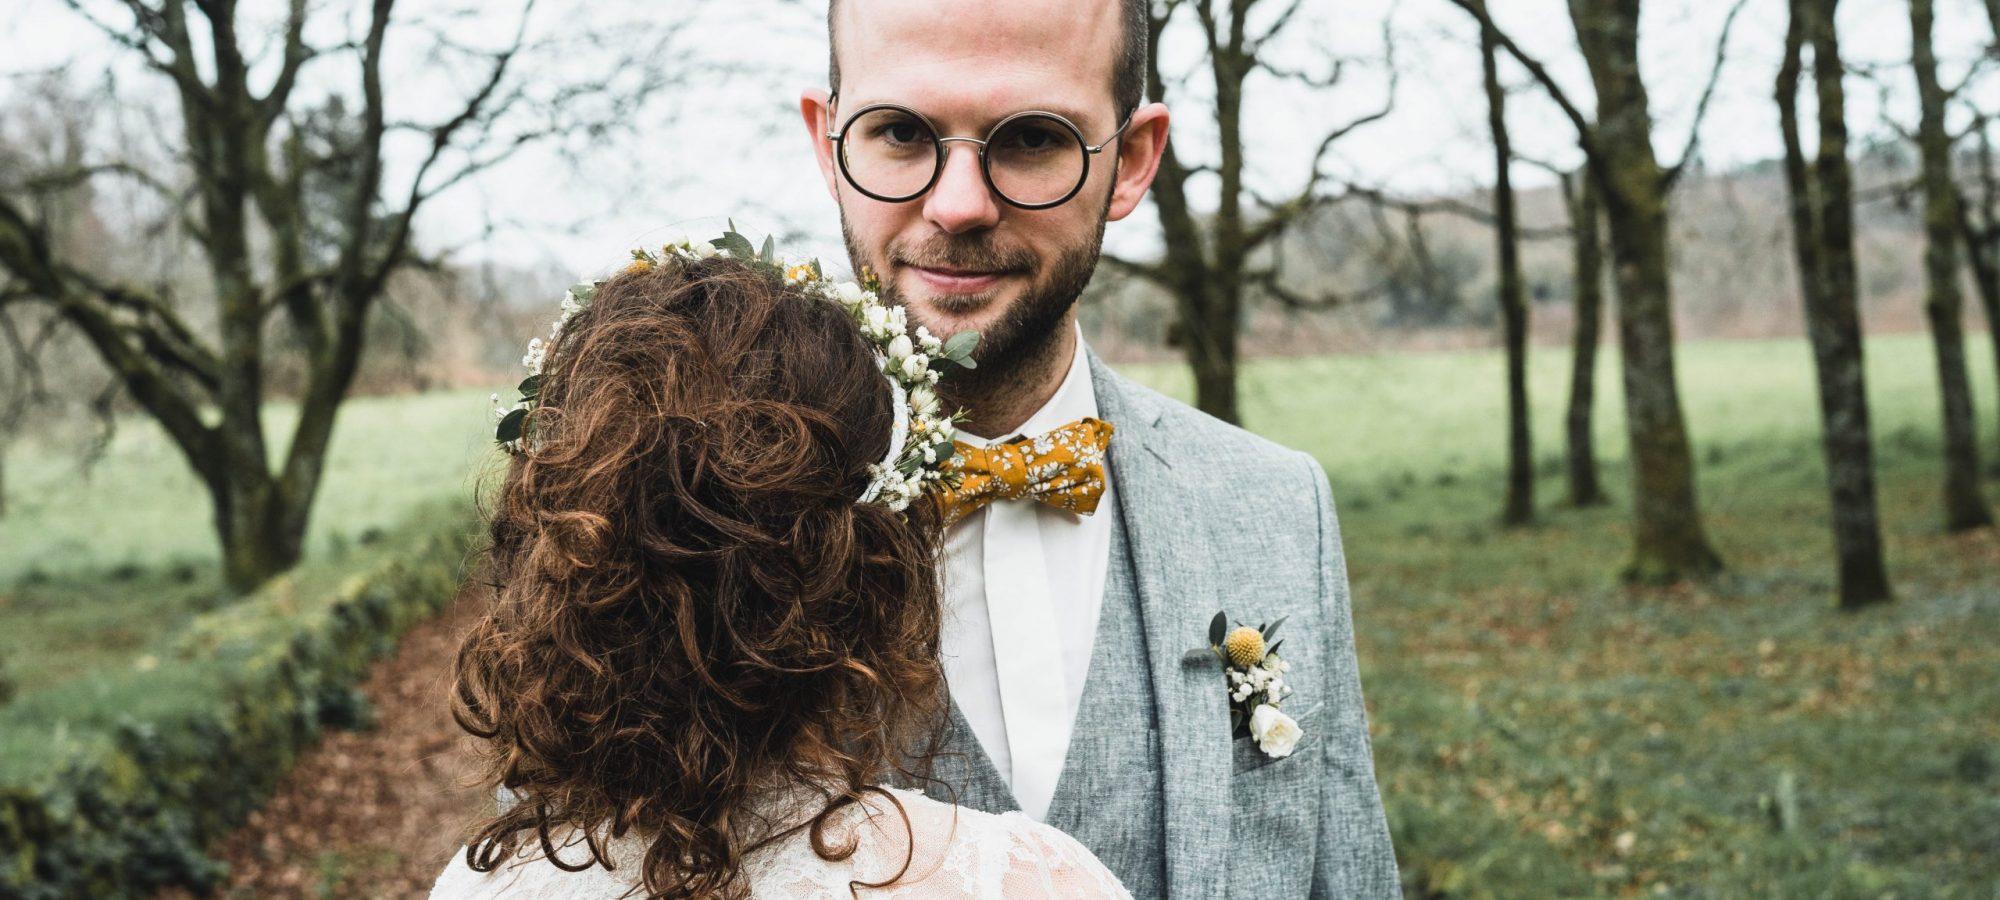 Mariage nature responsable Bretagne séance photo couple